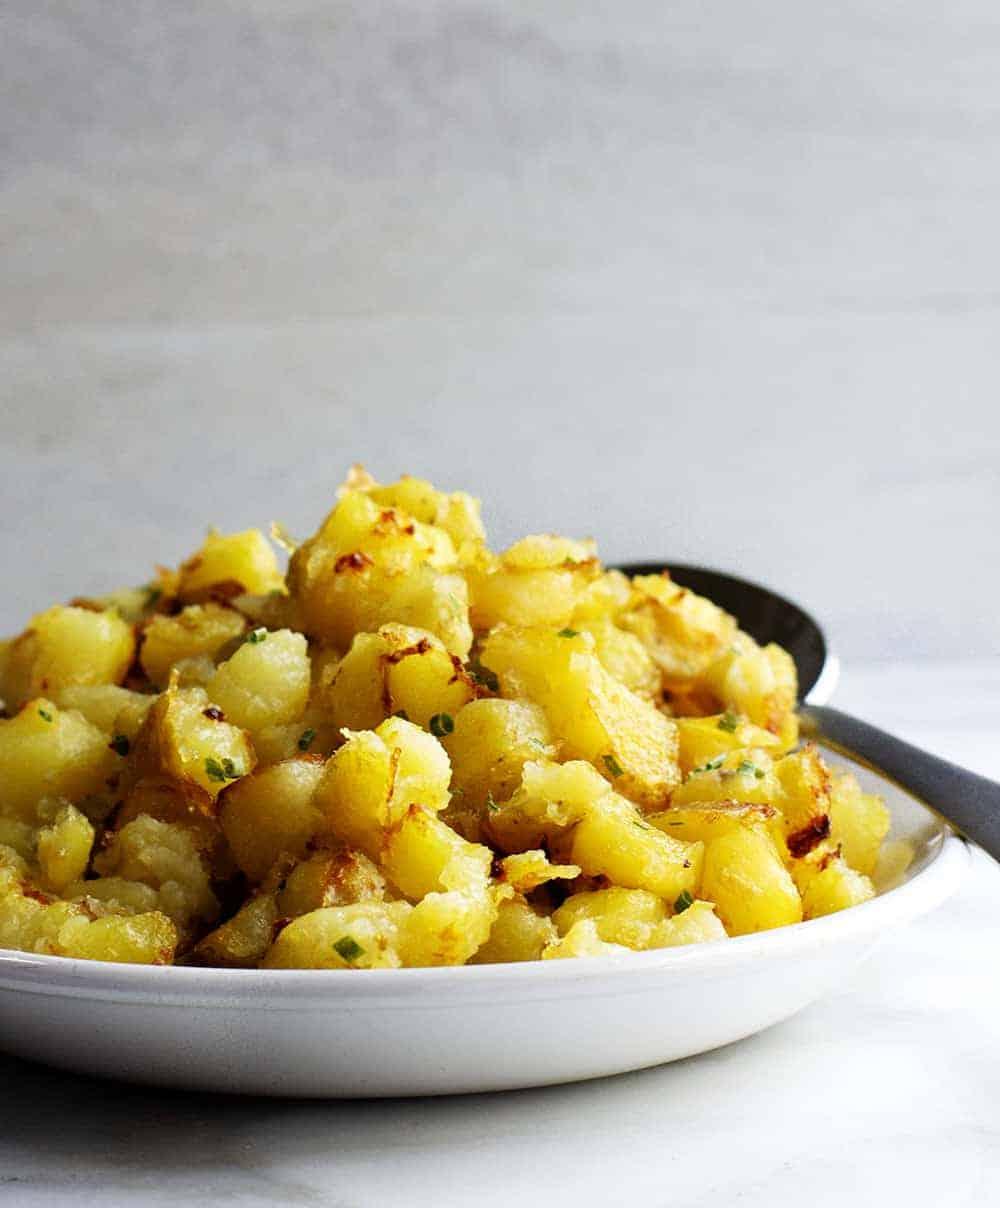 Crispy Breakfast Potatoes Served on a White Platter